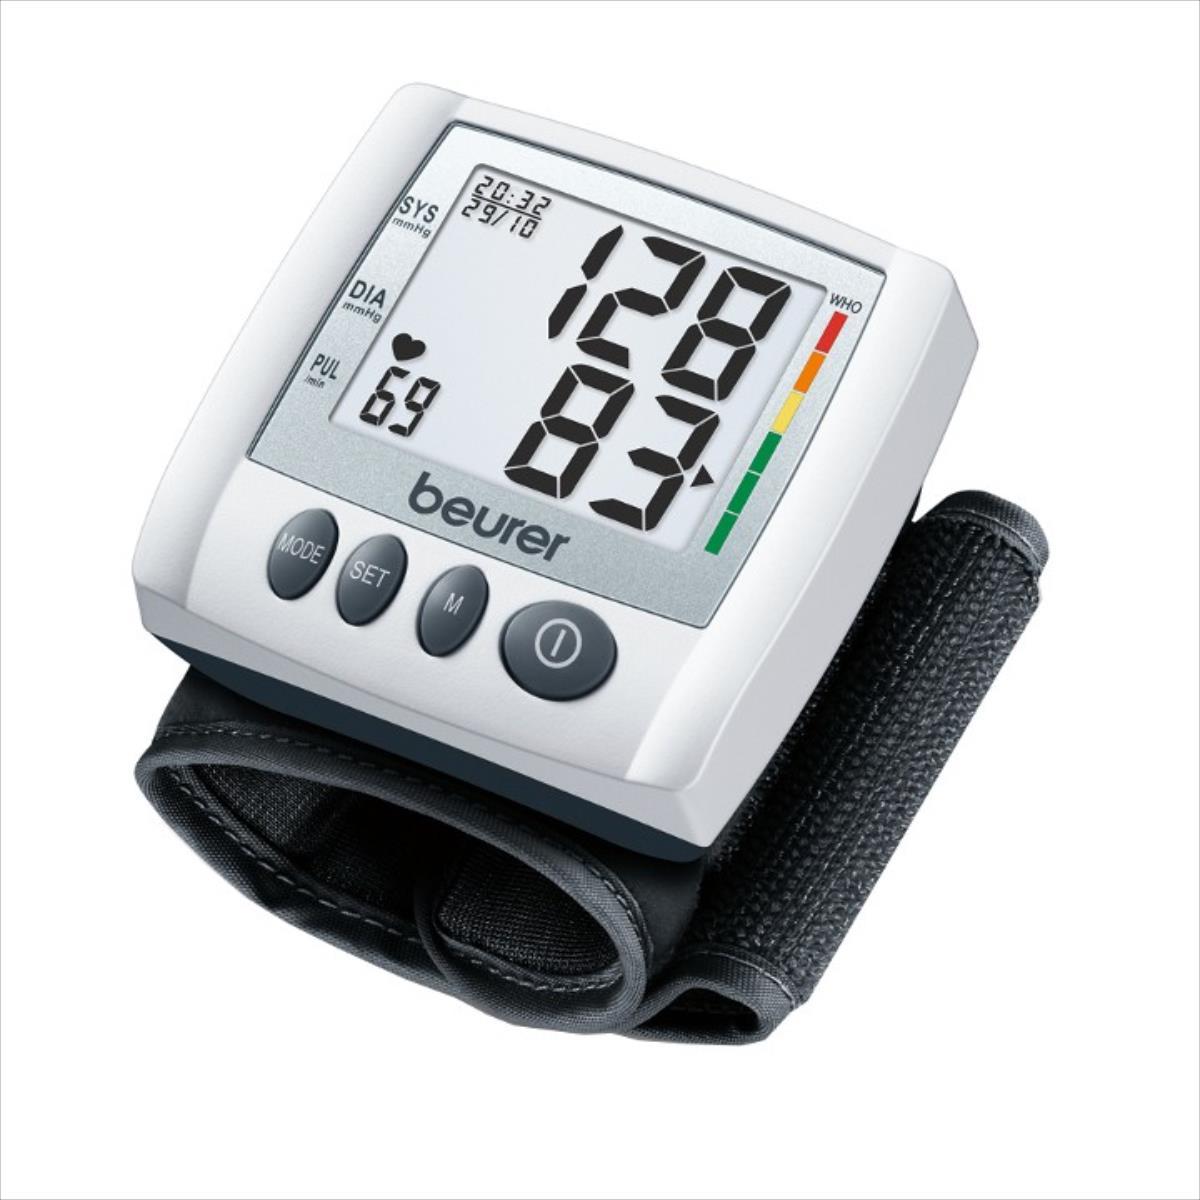 Beurer BC 30 asinsspiediena mērītājs